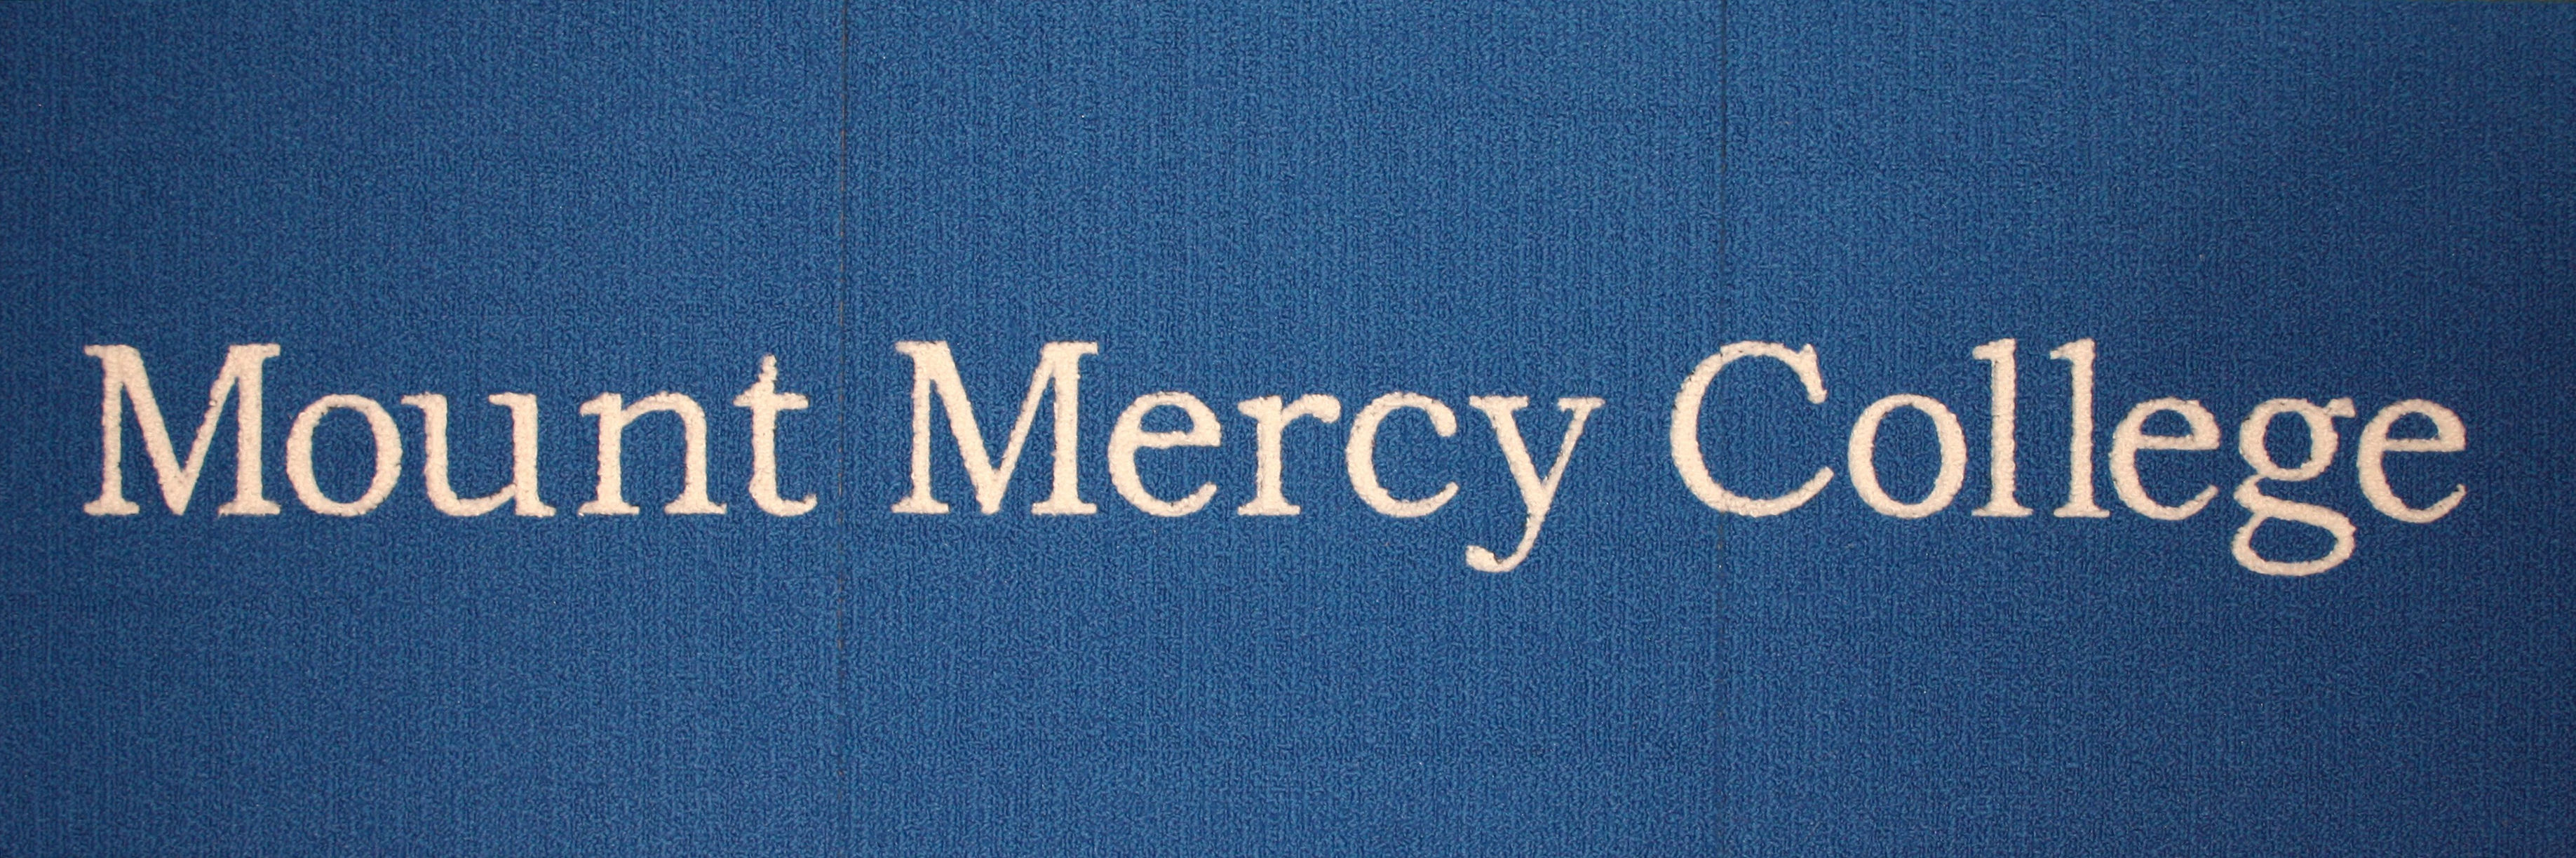 College University Mount Mercy College University